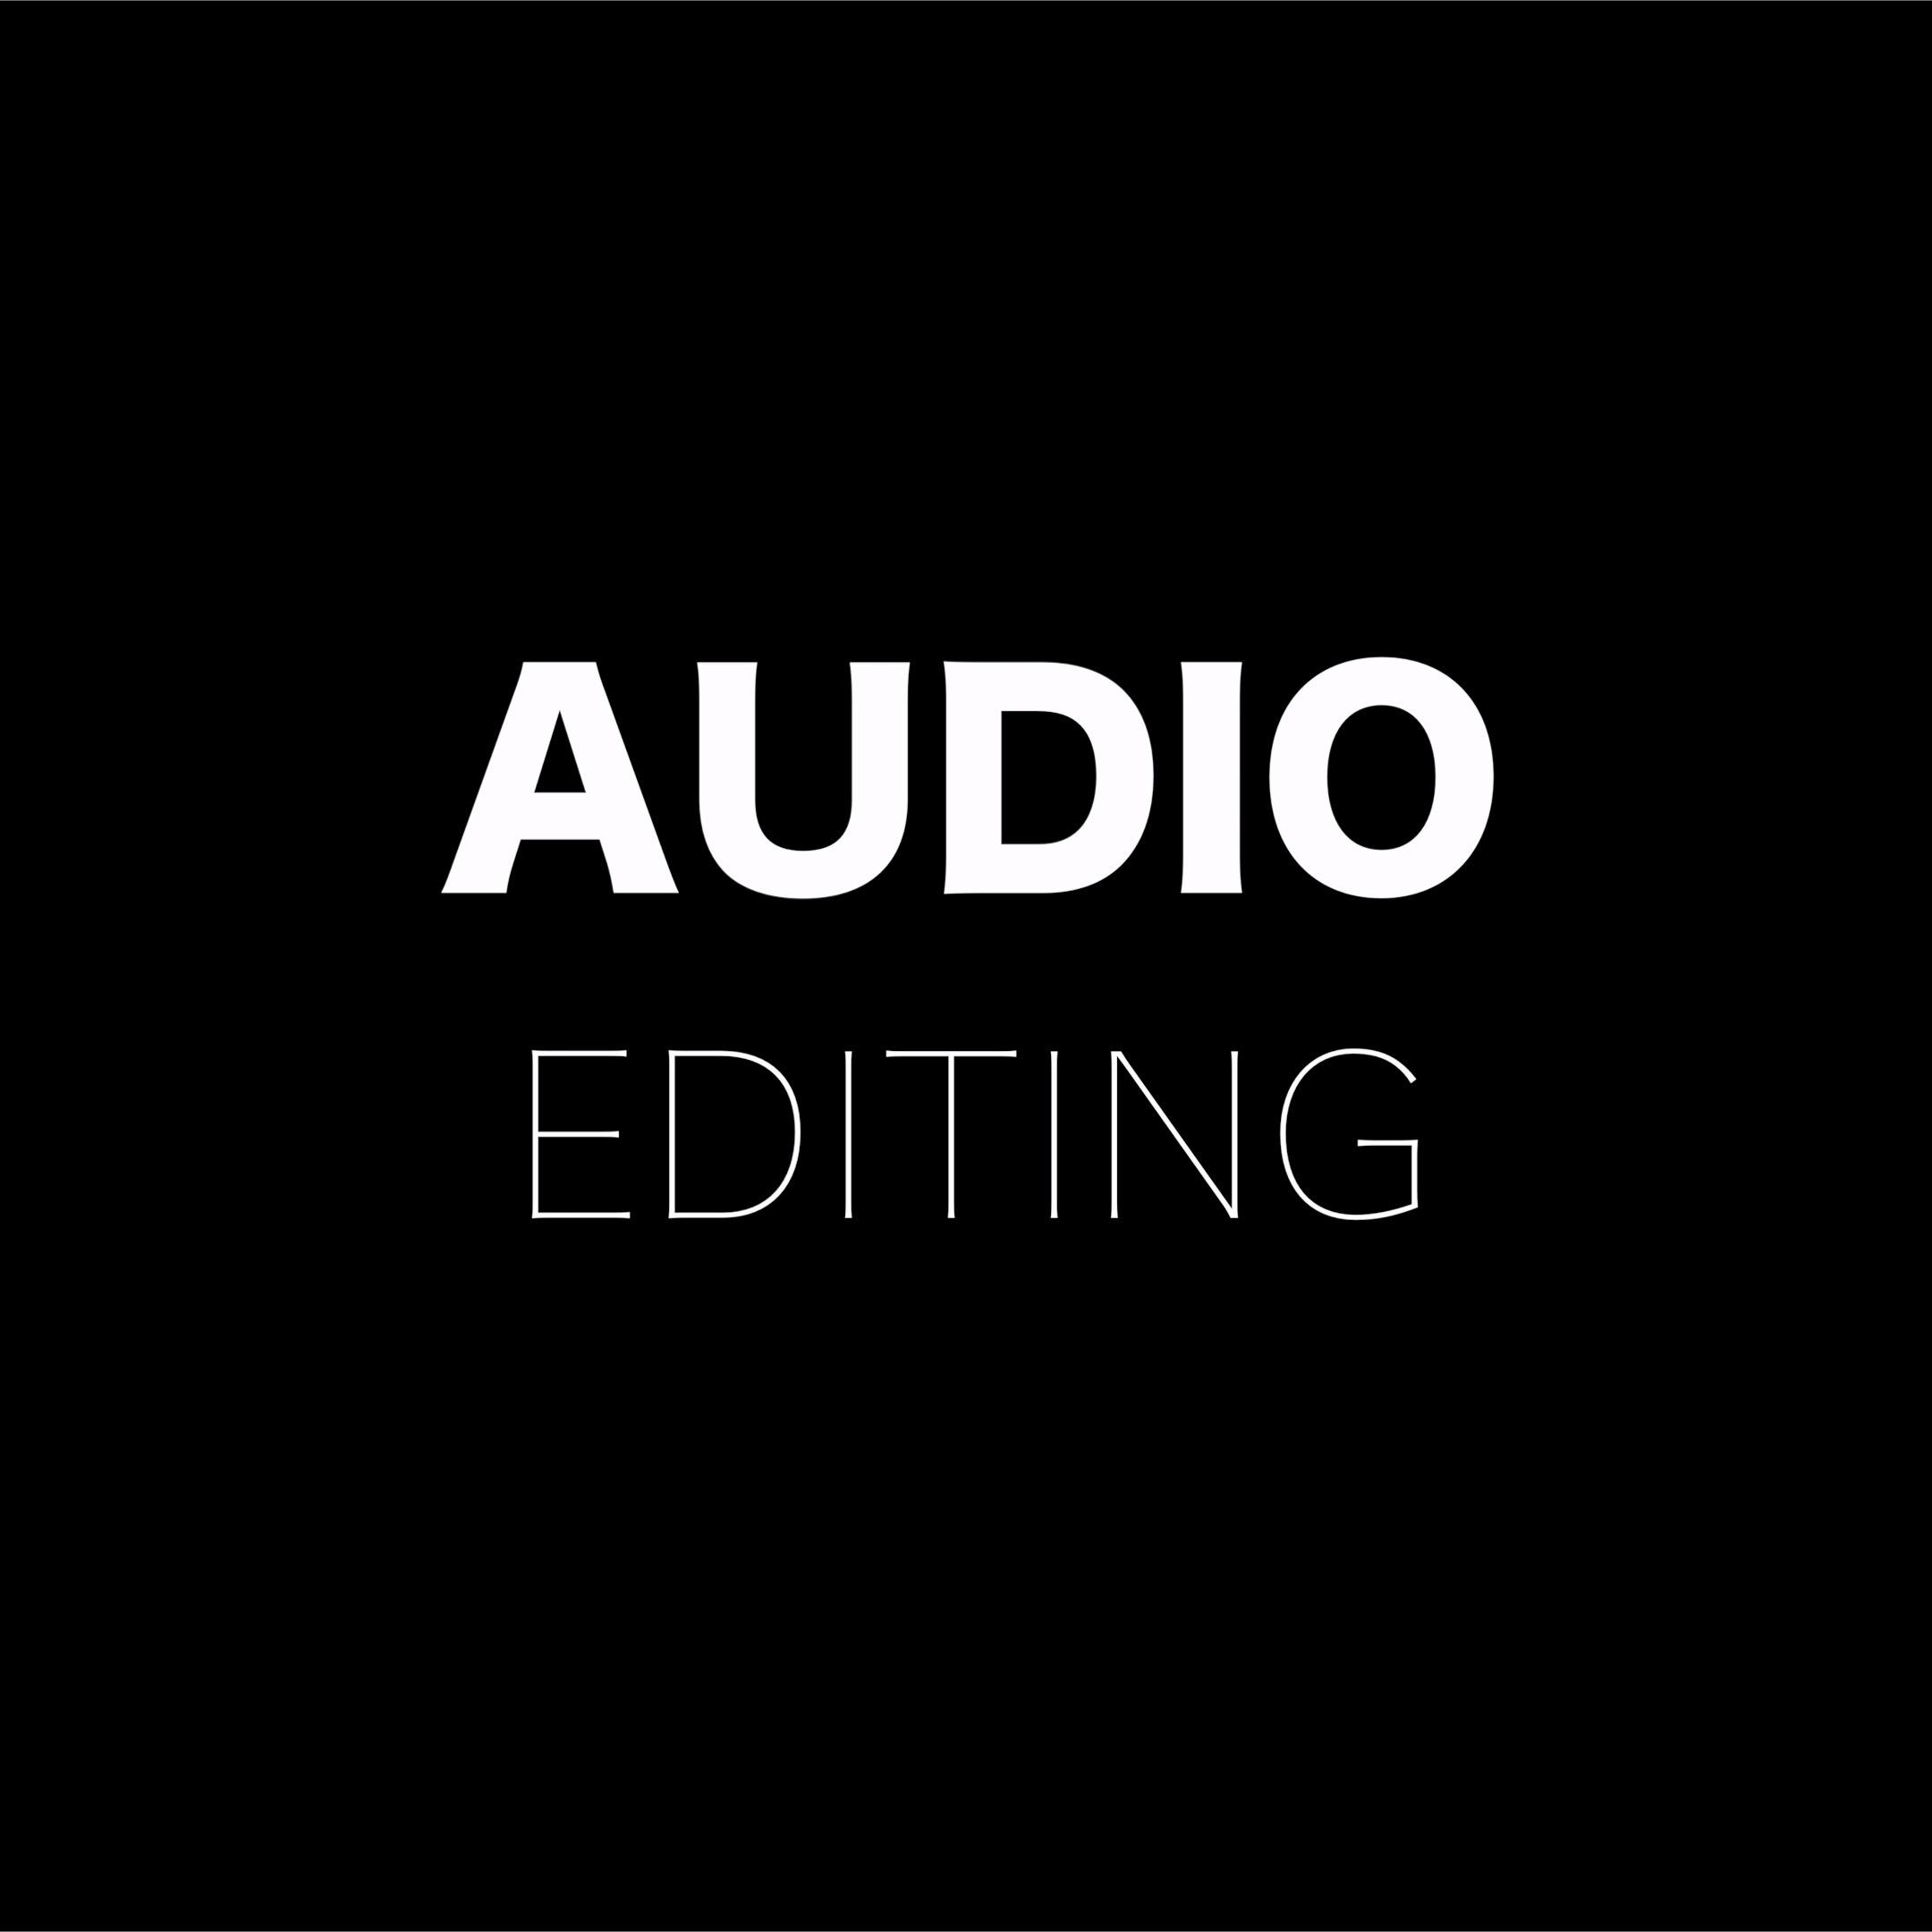 Audio Editing Square.jpg